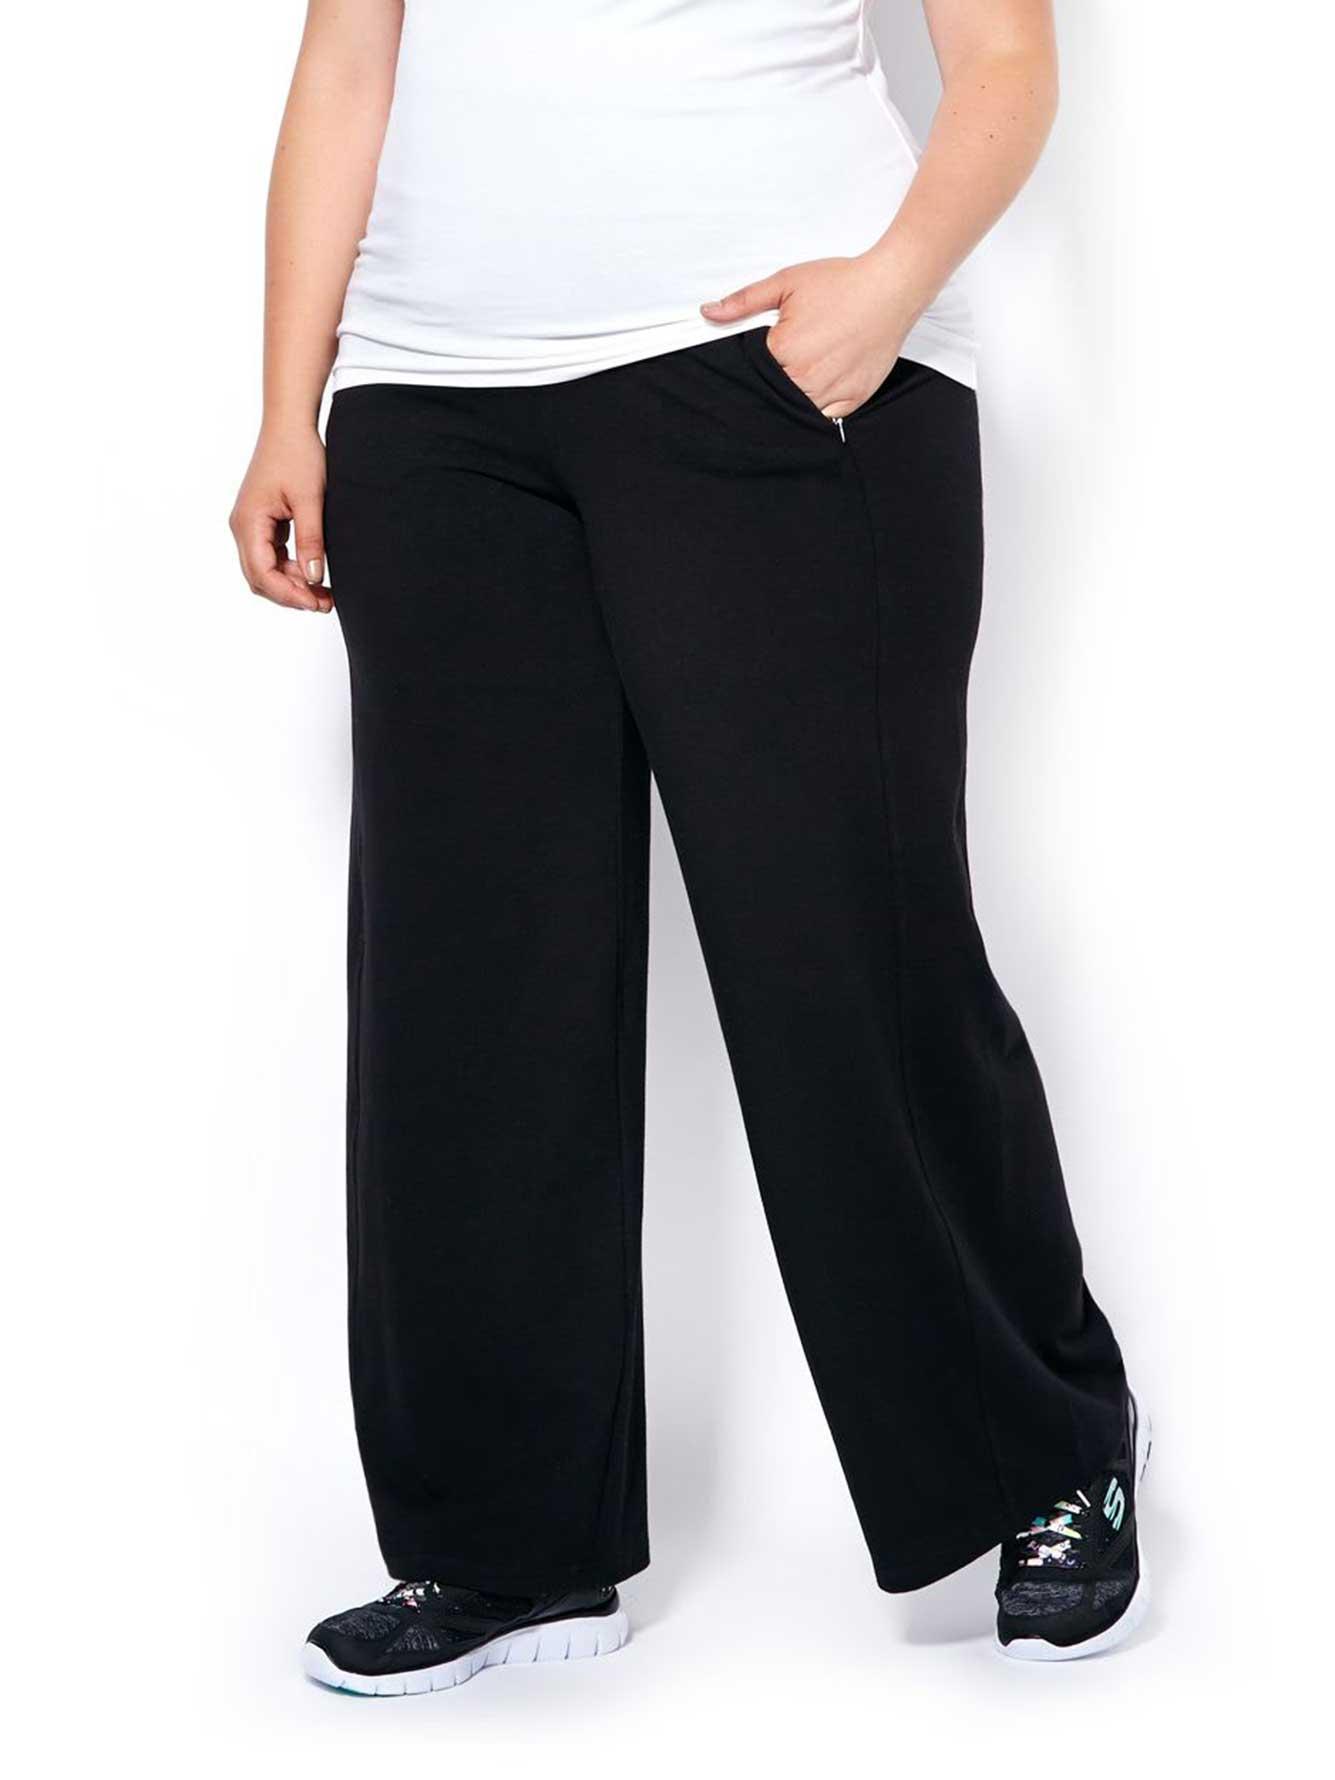 c2adf3c22d5 Essentials - Plus-Size Wide Leg Yoga Pant